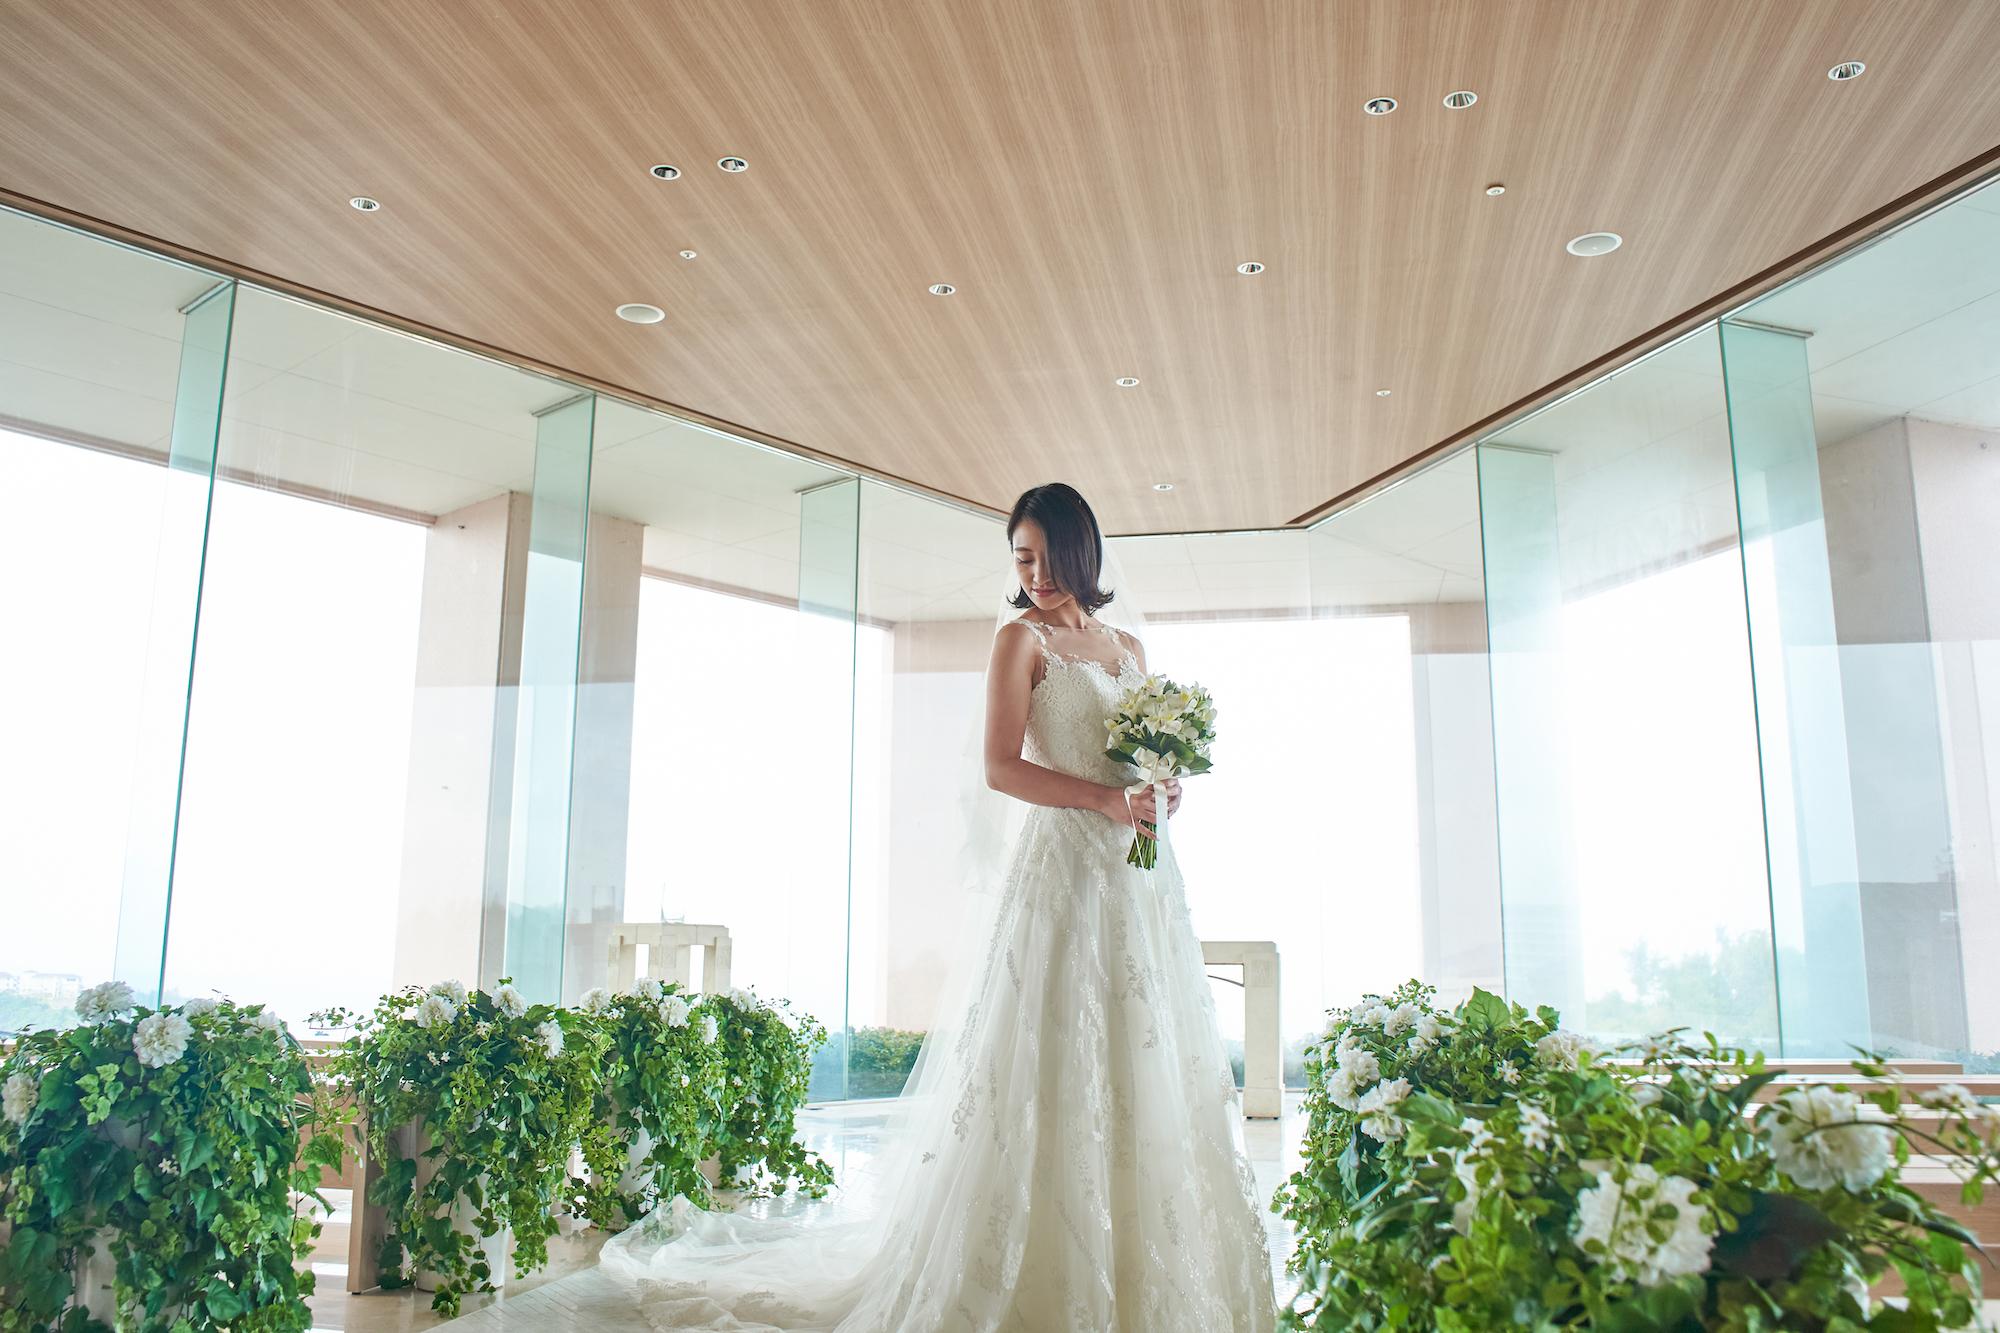 1126【平日限定】ドレス試着フェア♩ 沖縄で人気のウエディングドレス試着&挙式相談フェア